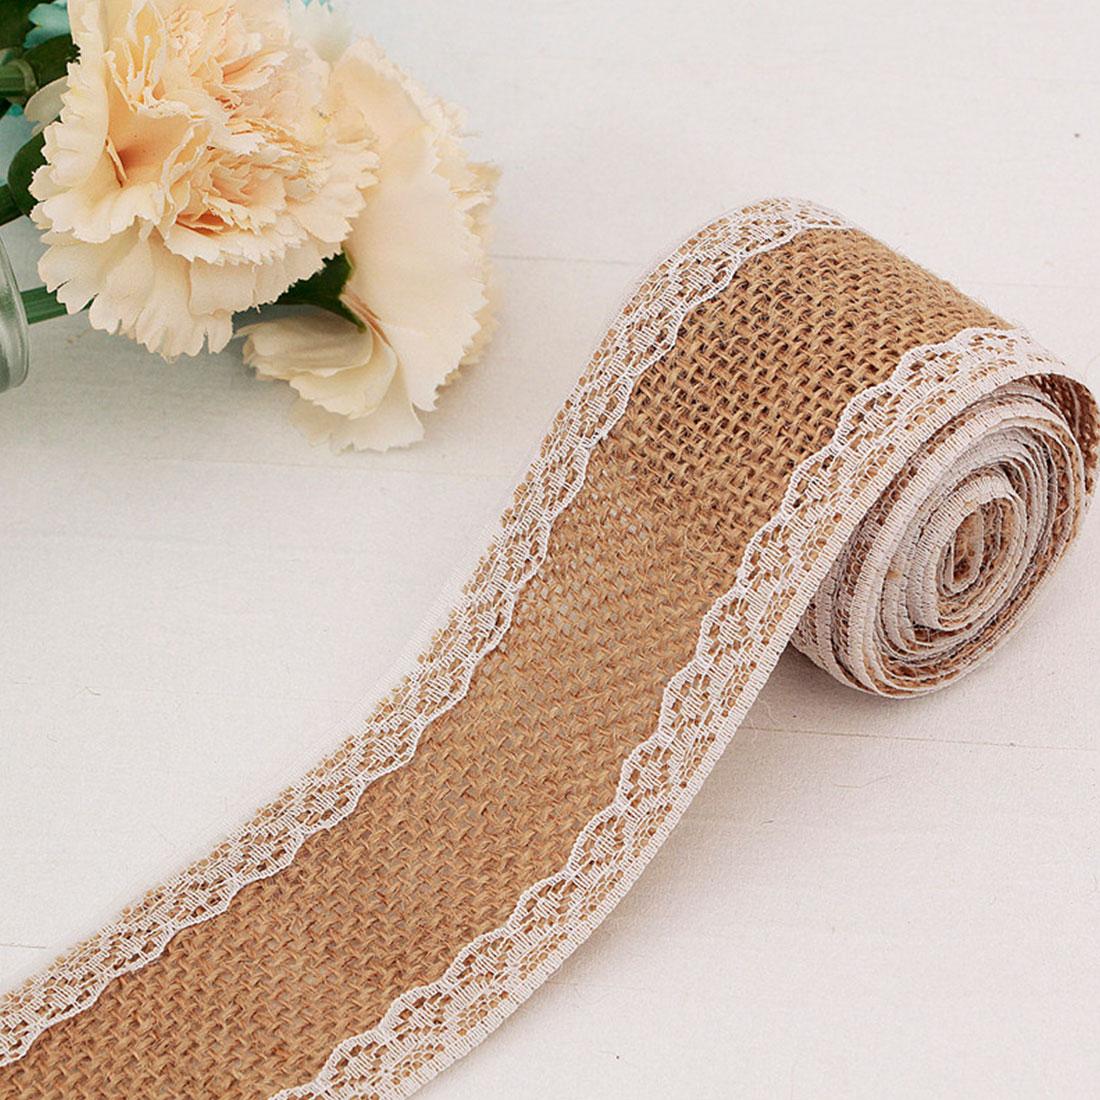 Burlap Ribbon 2M  Vintage Wedding Decoration Sisal Lace Trim Jute Burlap Rolls Rustic Event Party Decor Supplies